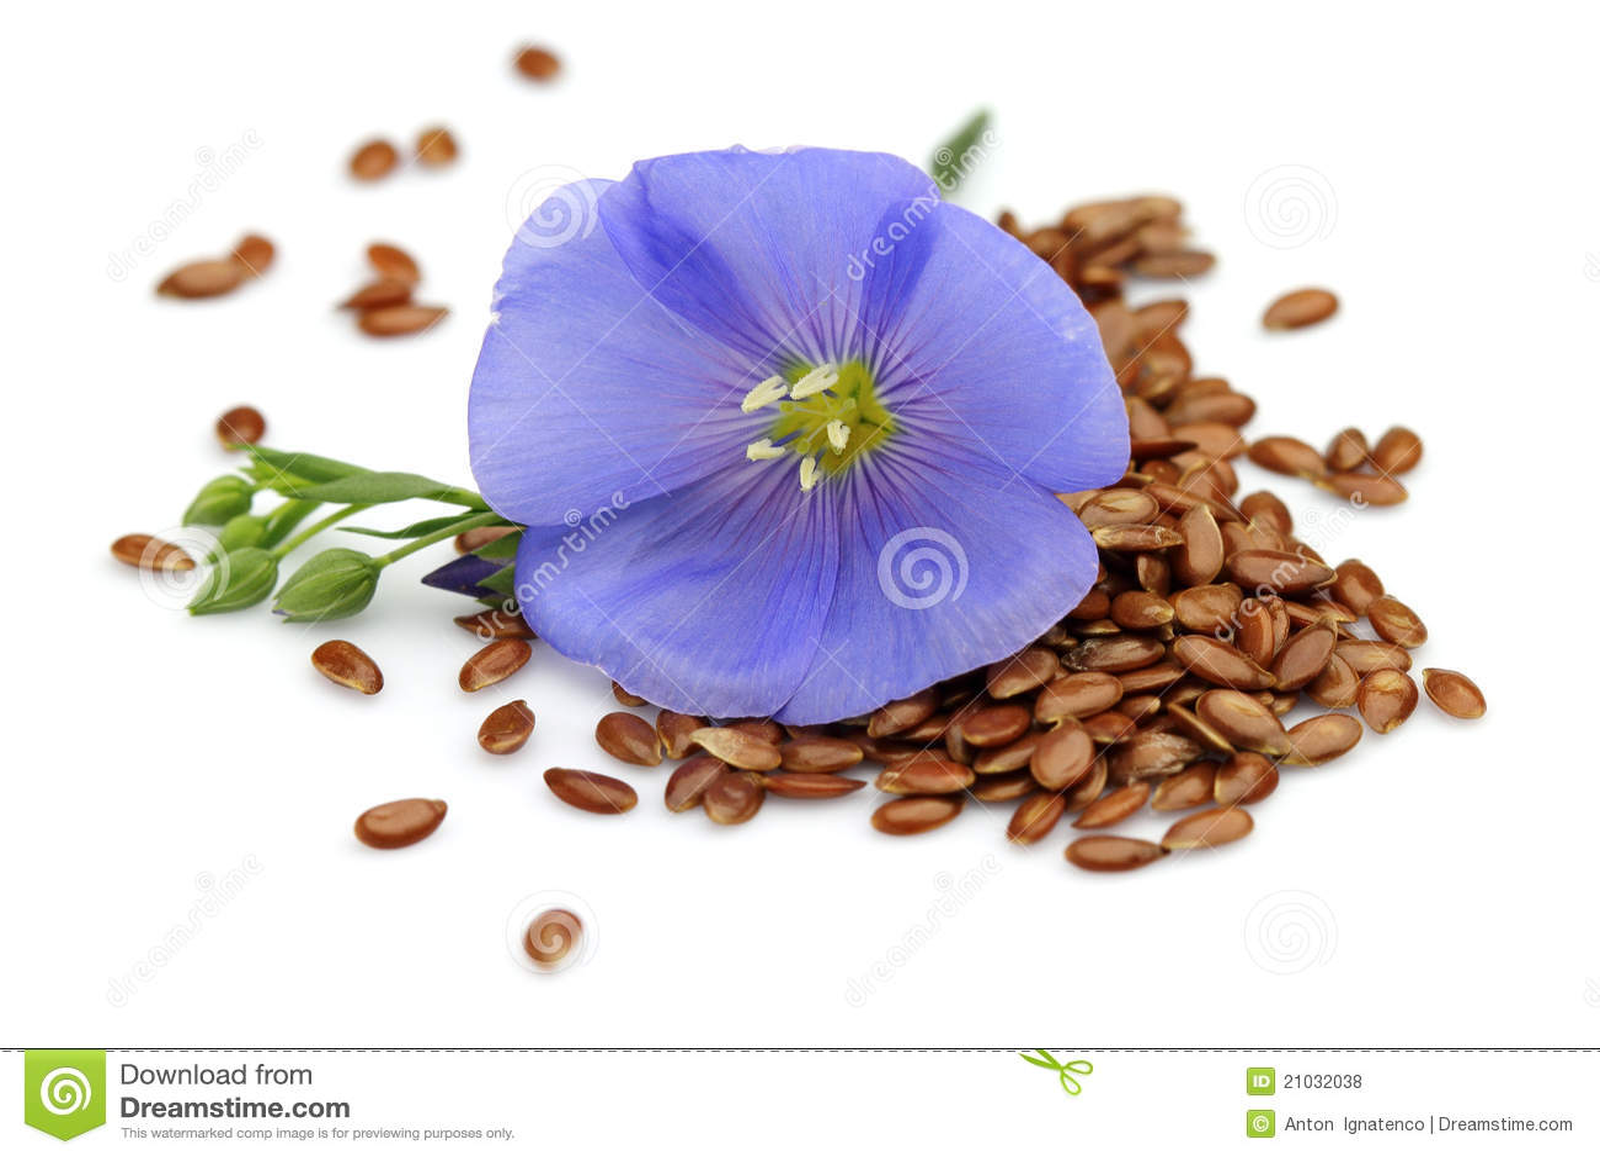 Семена цветов рисунки